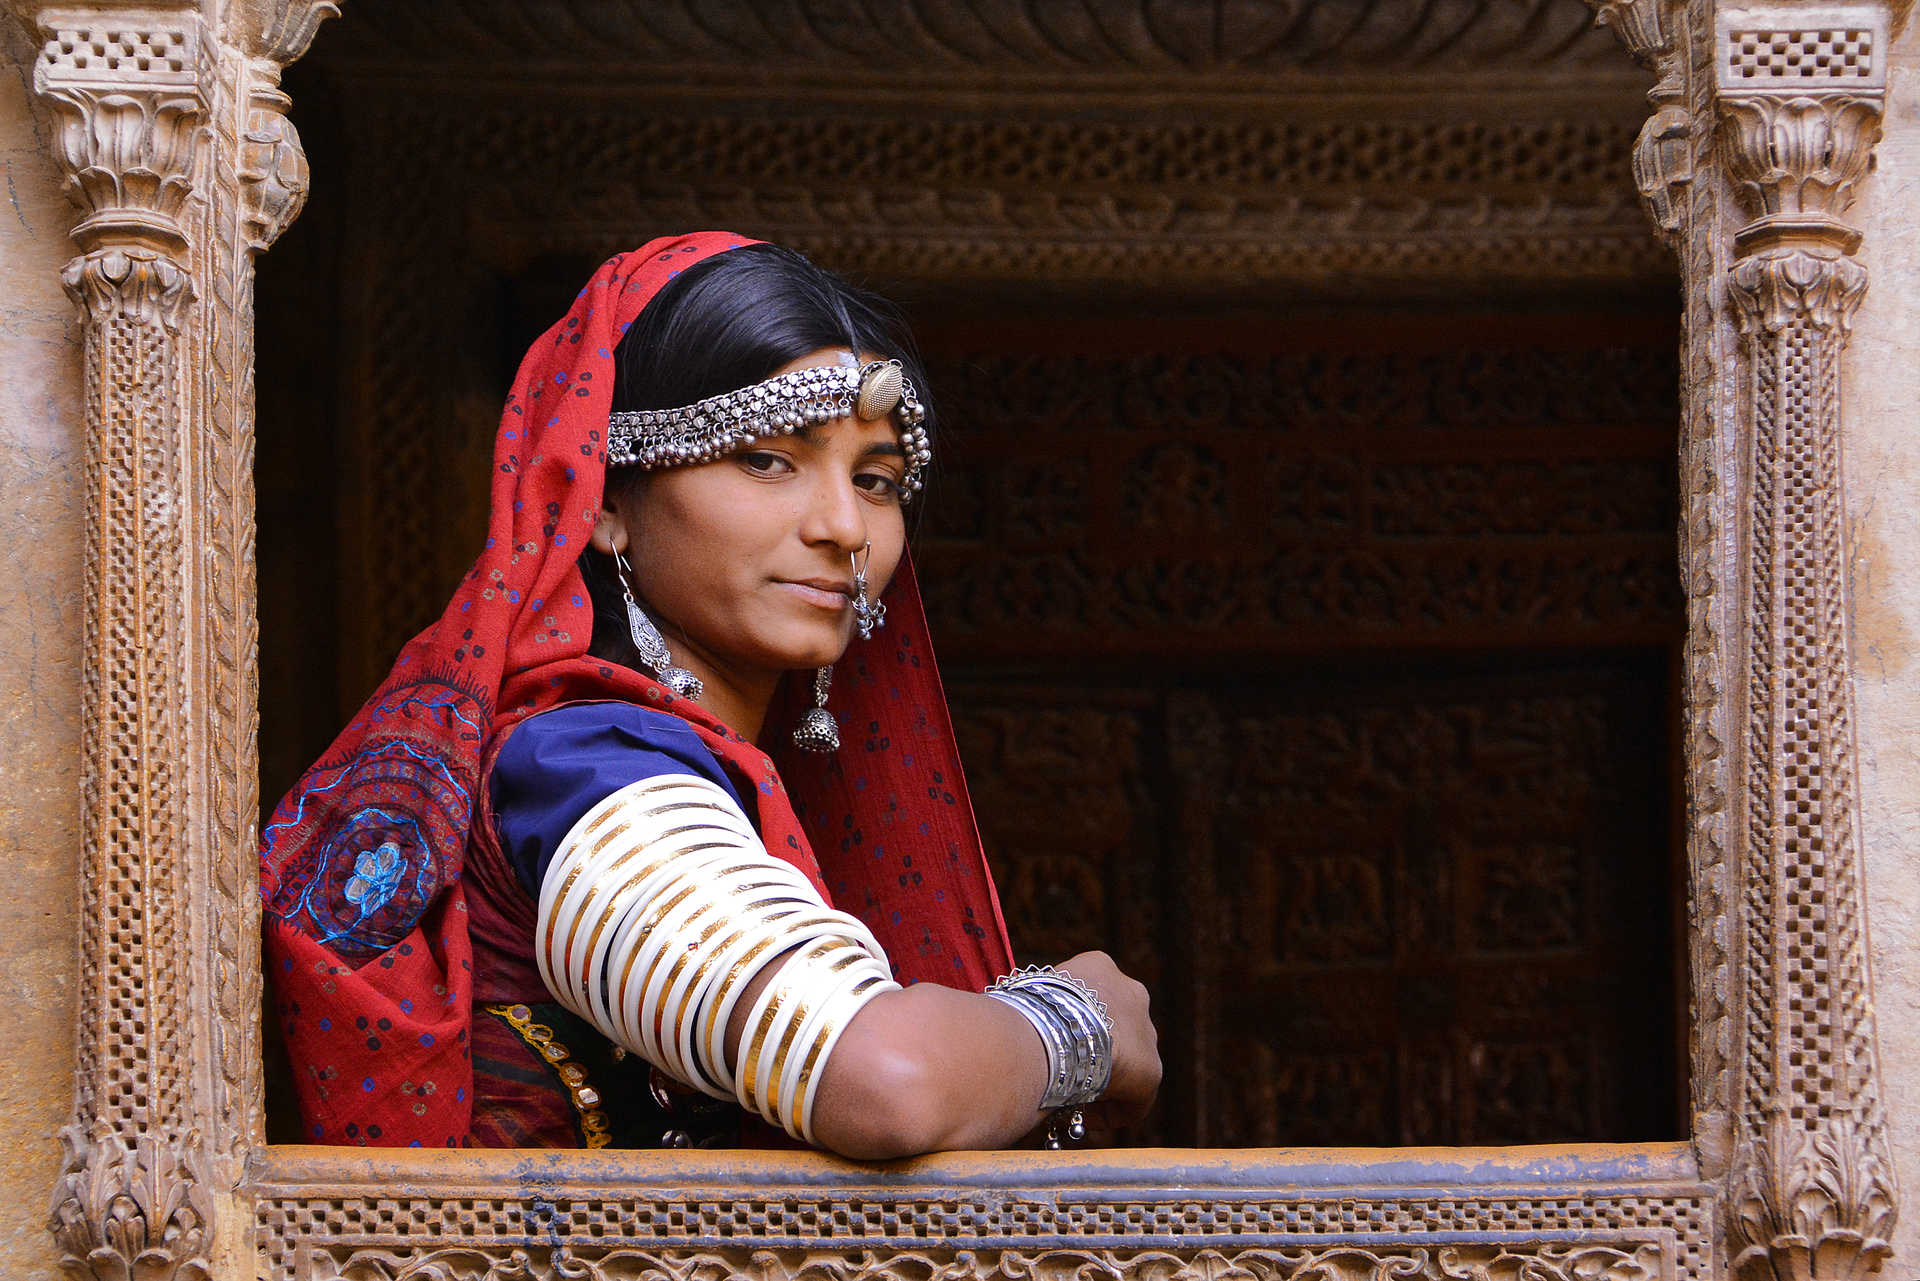 voyage Rajasthan, Inde du nord